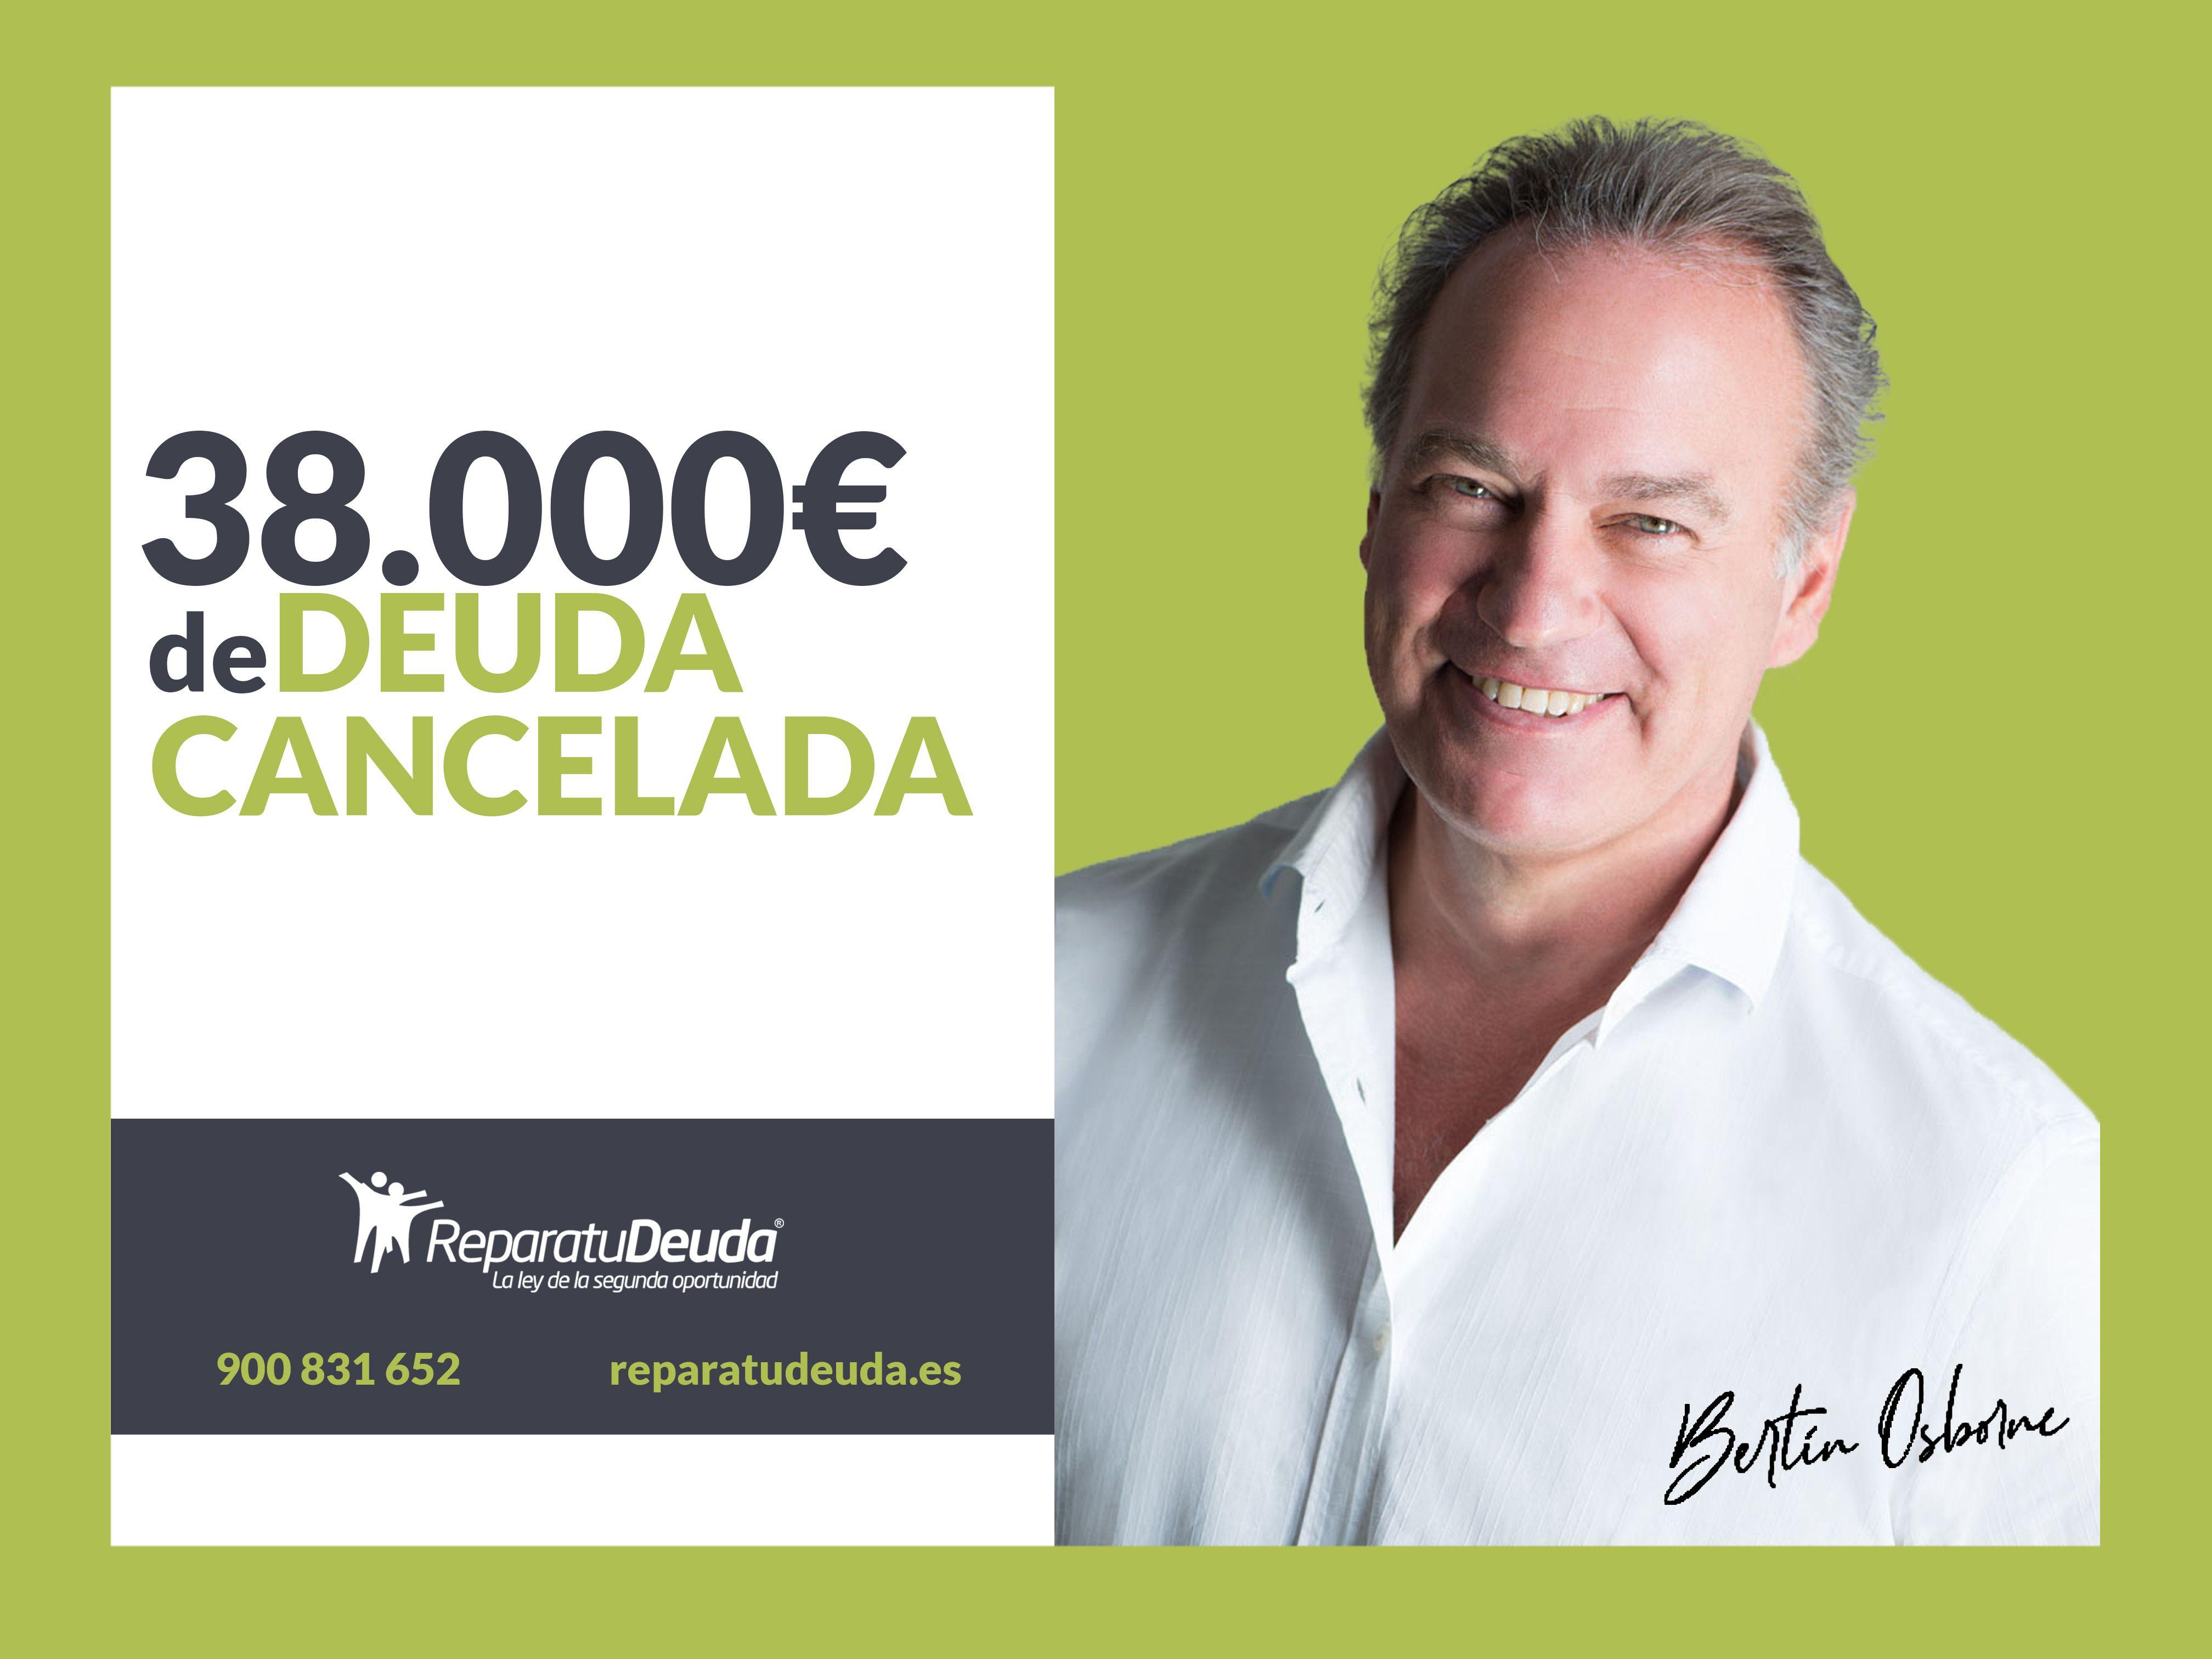 Repara tu Deuda Abogados cancela 38.000 ? en Barcelona con la Ley de Segunda Oportunidad